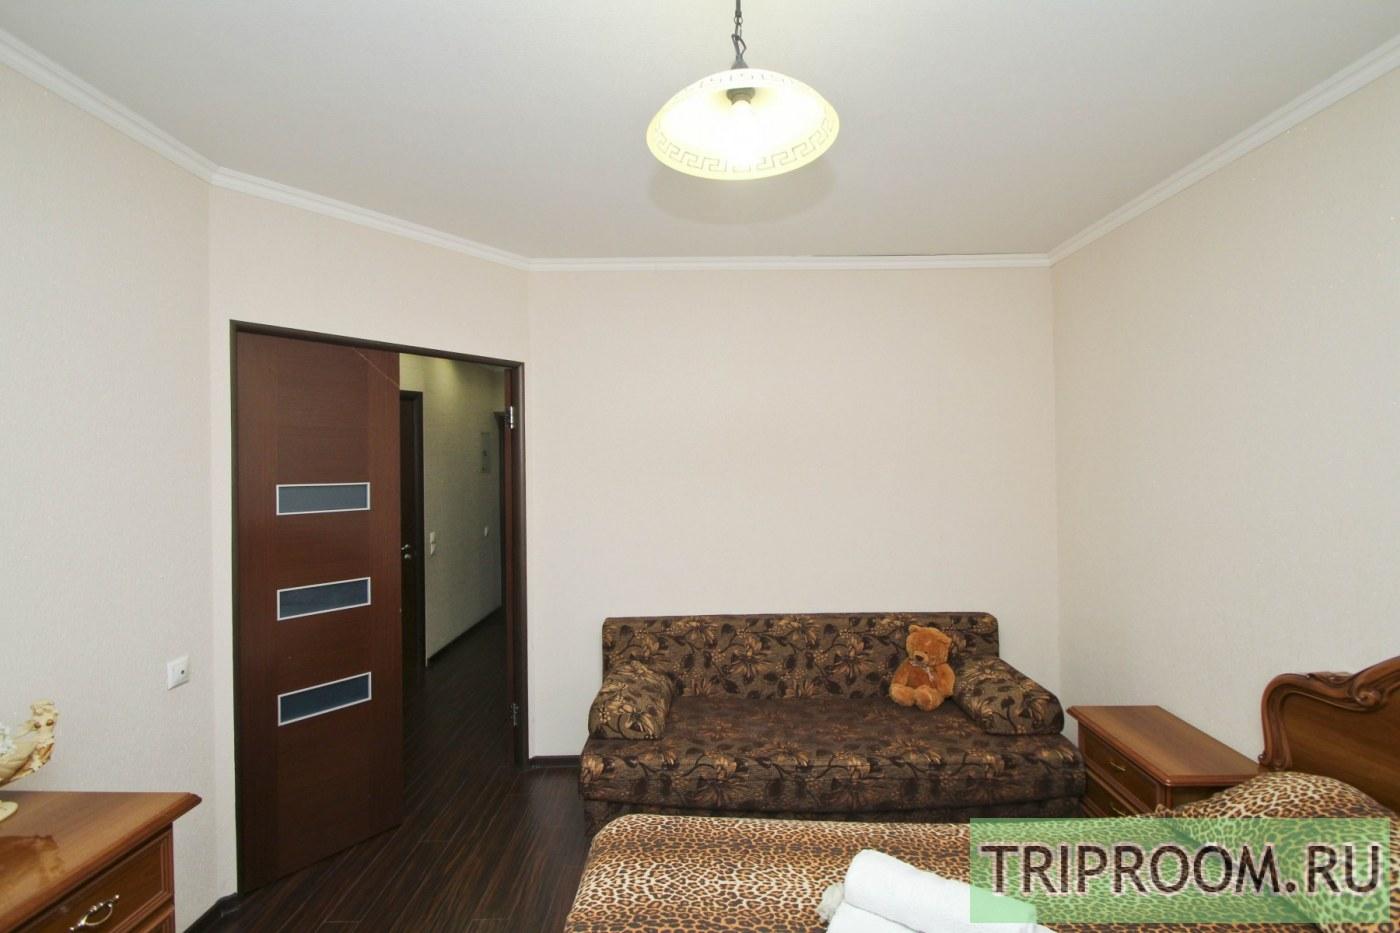 2-комнатная квартира посуточно (вариант № 37513), ул. Университетская улица, фото № 4